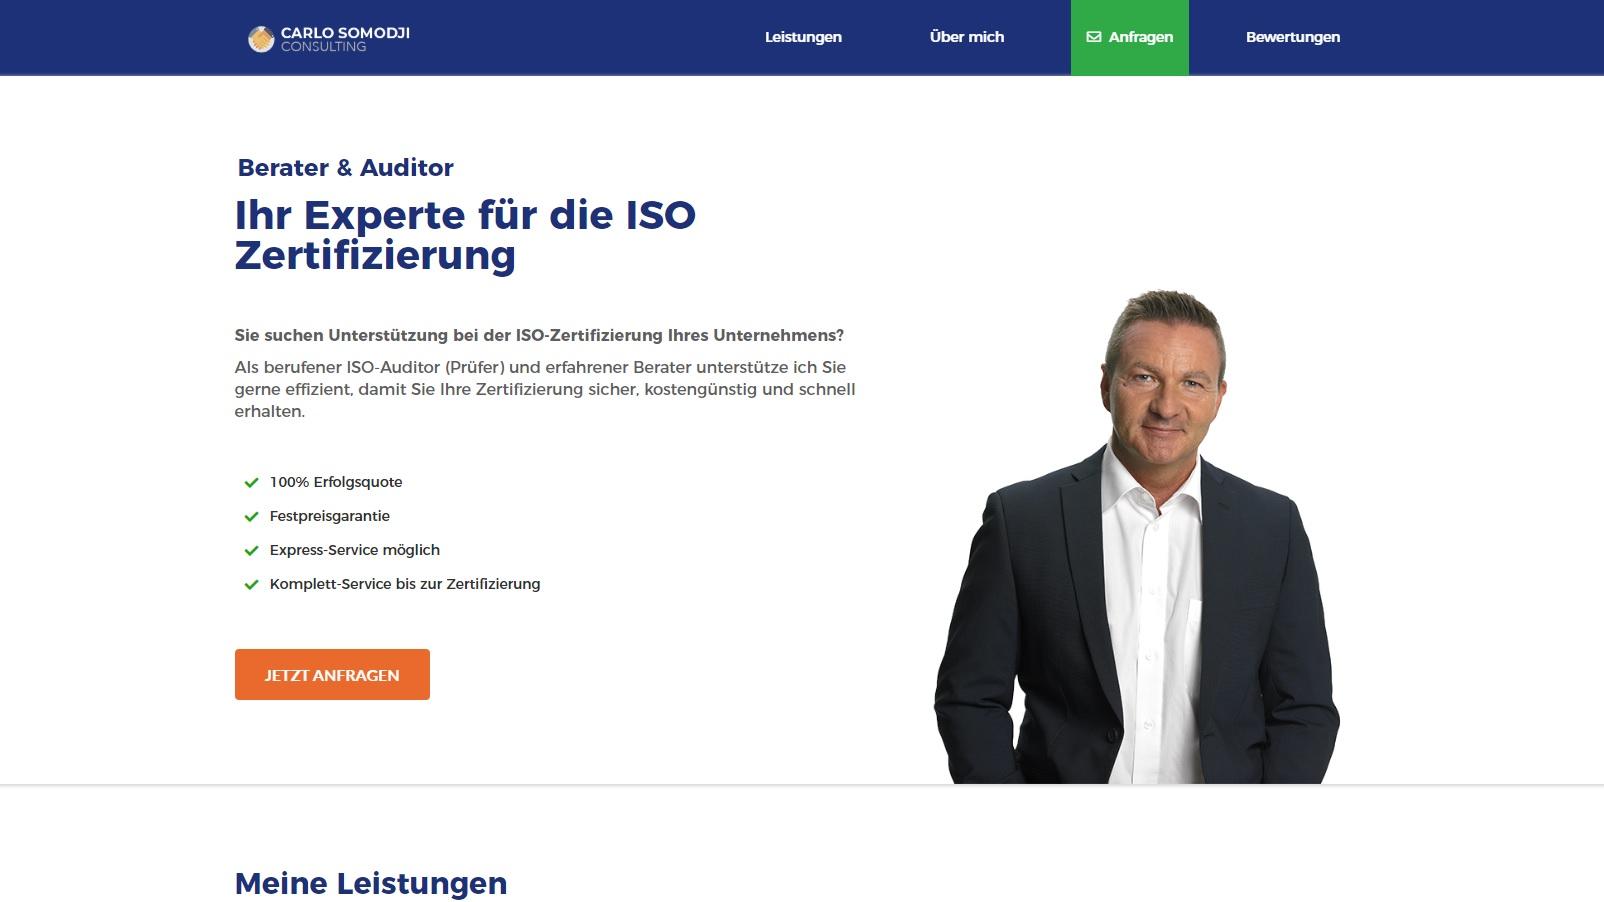 Carlo Somodji Consulting - ISO Experte